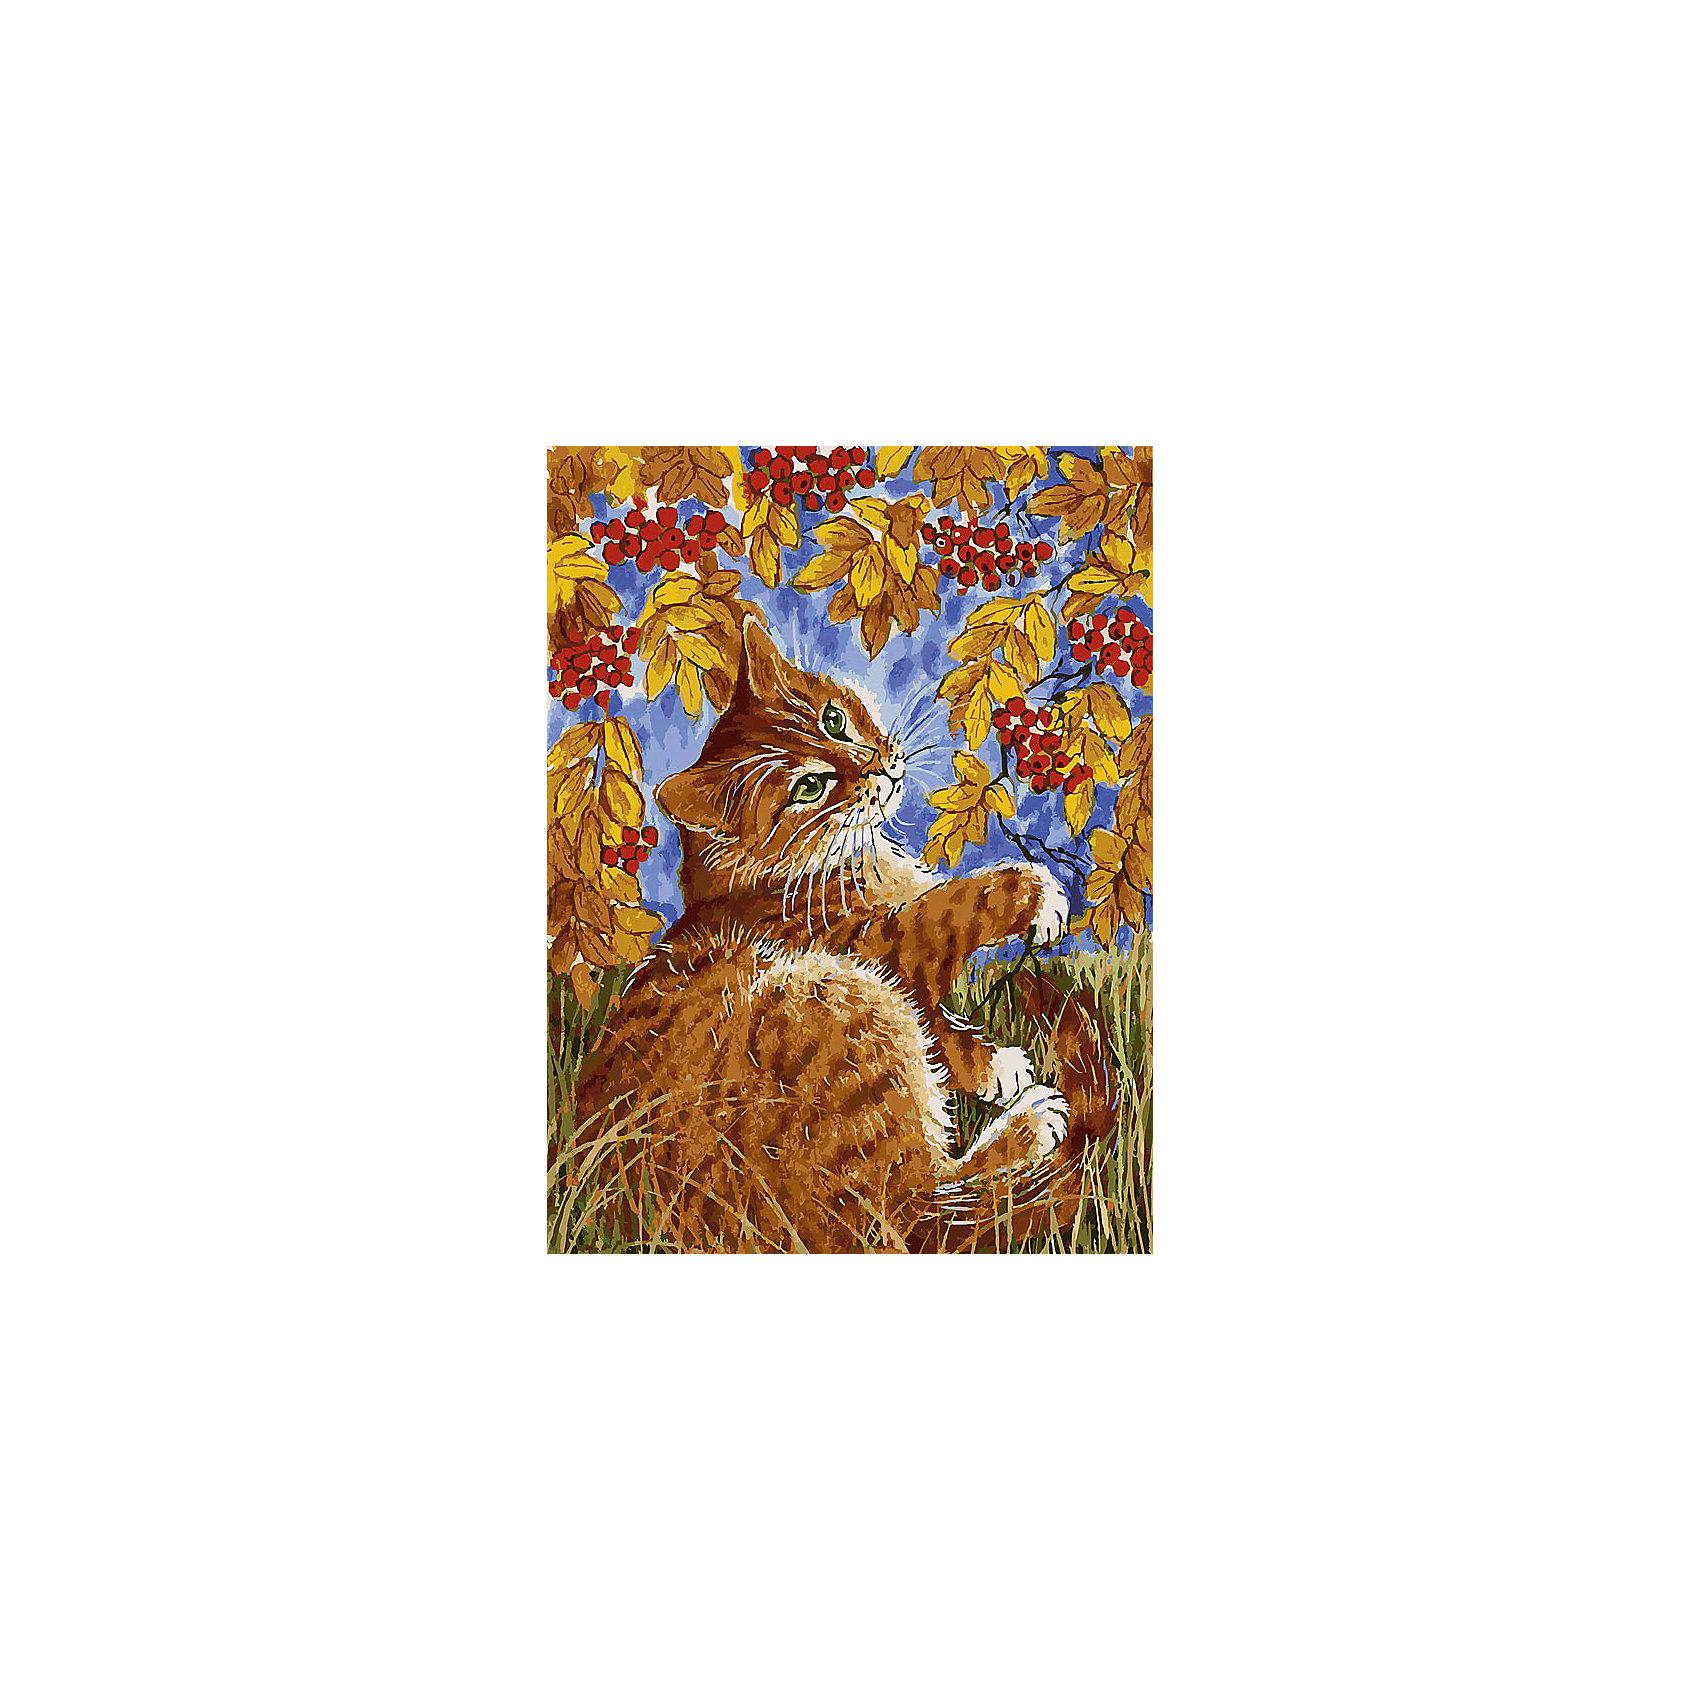 Живопись на холсте 30*40 см Кот с рябинойРисование<br>Характеристики товара:<br><br>• цвет: разноцветный<br>• материал: акрил, картон<br>• размер: 30 x 40 см<br>• комплектация: полотно на подрамнике с контурами рисунка, пробный лист с рисунком, набор акриловых красок, три кисти, крепление на стену для картины<br>• для детей от шести лет и взрослых<br>• не требует специальных навыков<br>• страна бренда: Китай<br>• страна изготовитель: Китай<br><br>Рисование - это занятие, которое любят многие дети и взрослые. Оно помогает развить важные навыки и просто приносит удовольствие! Чтобы вселить в ребенка уверенность в своих силах, можно предложить ему этот набор - в нем уже есть сюжет, контуры рисунка и участки с номерами, которые обозначают определенную краску из набора. Все оттенки уже готовы, задача художника - аккуратно, с помощью кисточек из набора, нанести краски на определенный участок полотна.<br>Взрослым также понравится этот процесс, рисовать можно и вместе с малышом! В итоге получается красивая картина, которой можно украсить интерьер. Рисование способствует развитию мелкой моторики, воображения, цветовосприятия, творческих способностей и усидчивости. Набор отлично проработан, сделан из качественных и проверенных материалов, которые безопасны для детей. Краски - акриловые, они быстро сохнут и легко смываются с кожи.<br><br>Живопись на холсте 30*40 см Кот с рябиной от торговой марки Белоснежка можно купить в нашем интернет-магазине.<br><br>Ширина мм: 410<br>Глубина мм: 310<br>Высота мм: 25<br>Вес г: 567<br>Возраст от месяцев: 72<br>Возраст до месяцев: 144<br>Пол: Унисекс<br>Возраст: Детский<br>SKU: 5089671